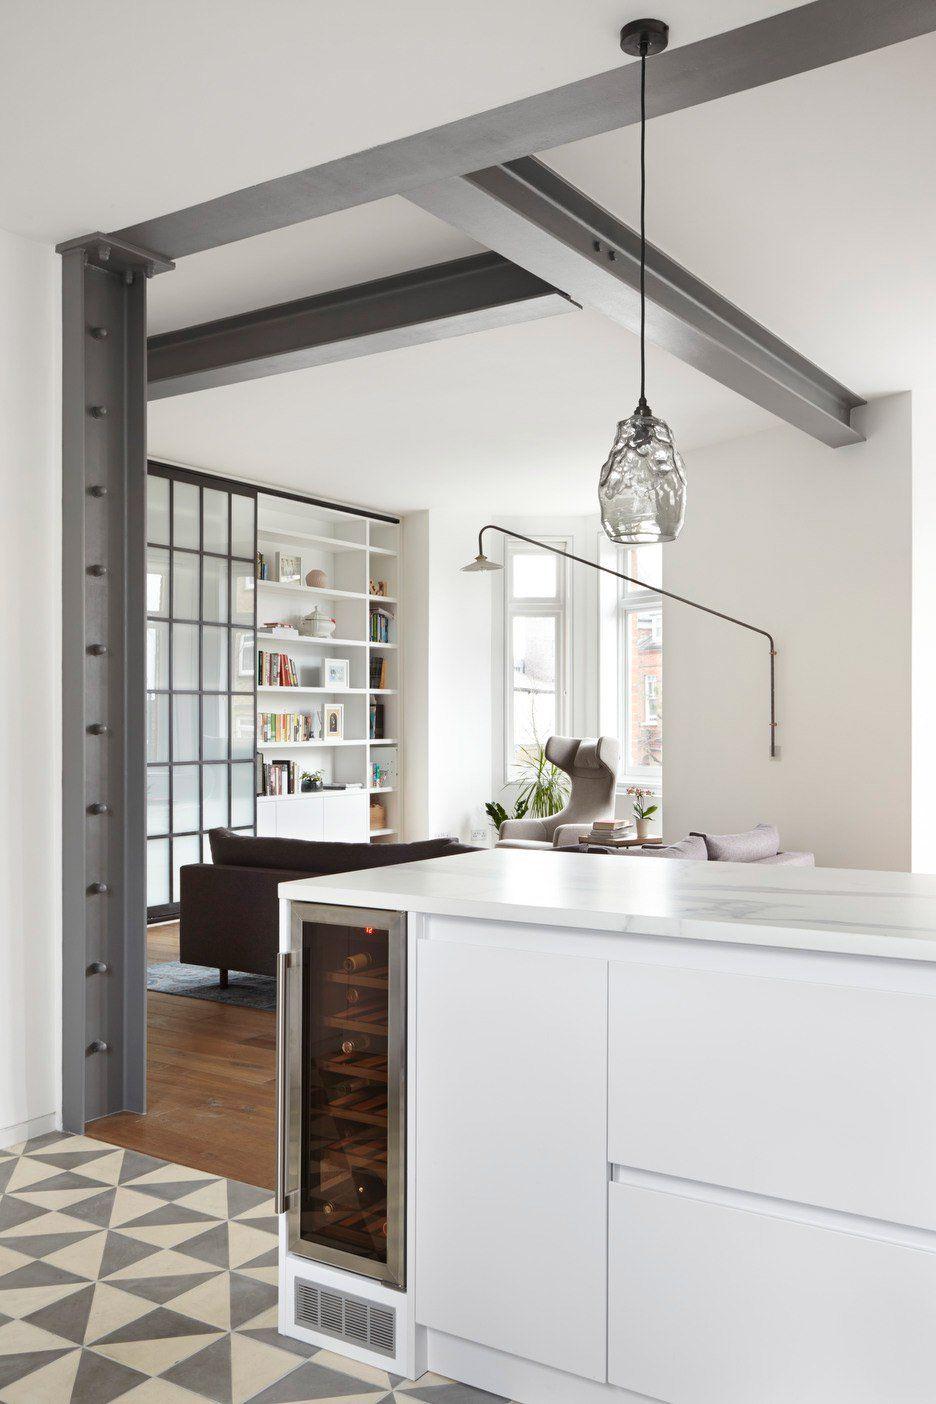 Neue wohnzimmer innenarchitektur glenshaw mansions by rise design studio  küche  pinterest  haus